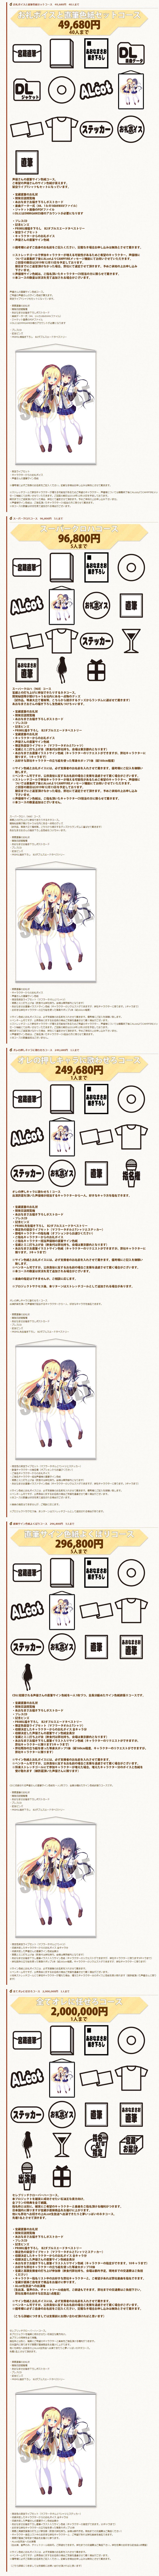 ご支援のリターン|ALcotキャラクターソングアルバム『Voices』クラウドファンディング企画|ALcot2